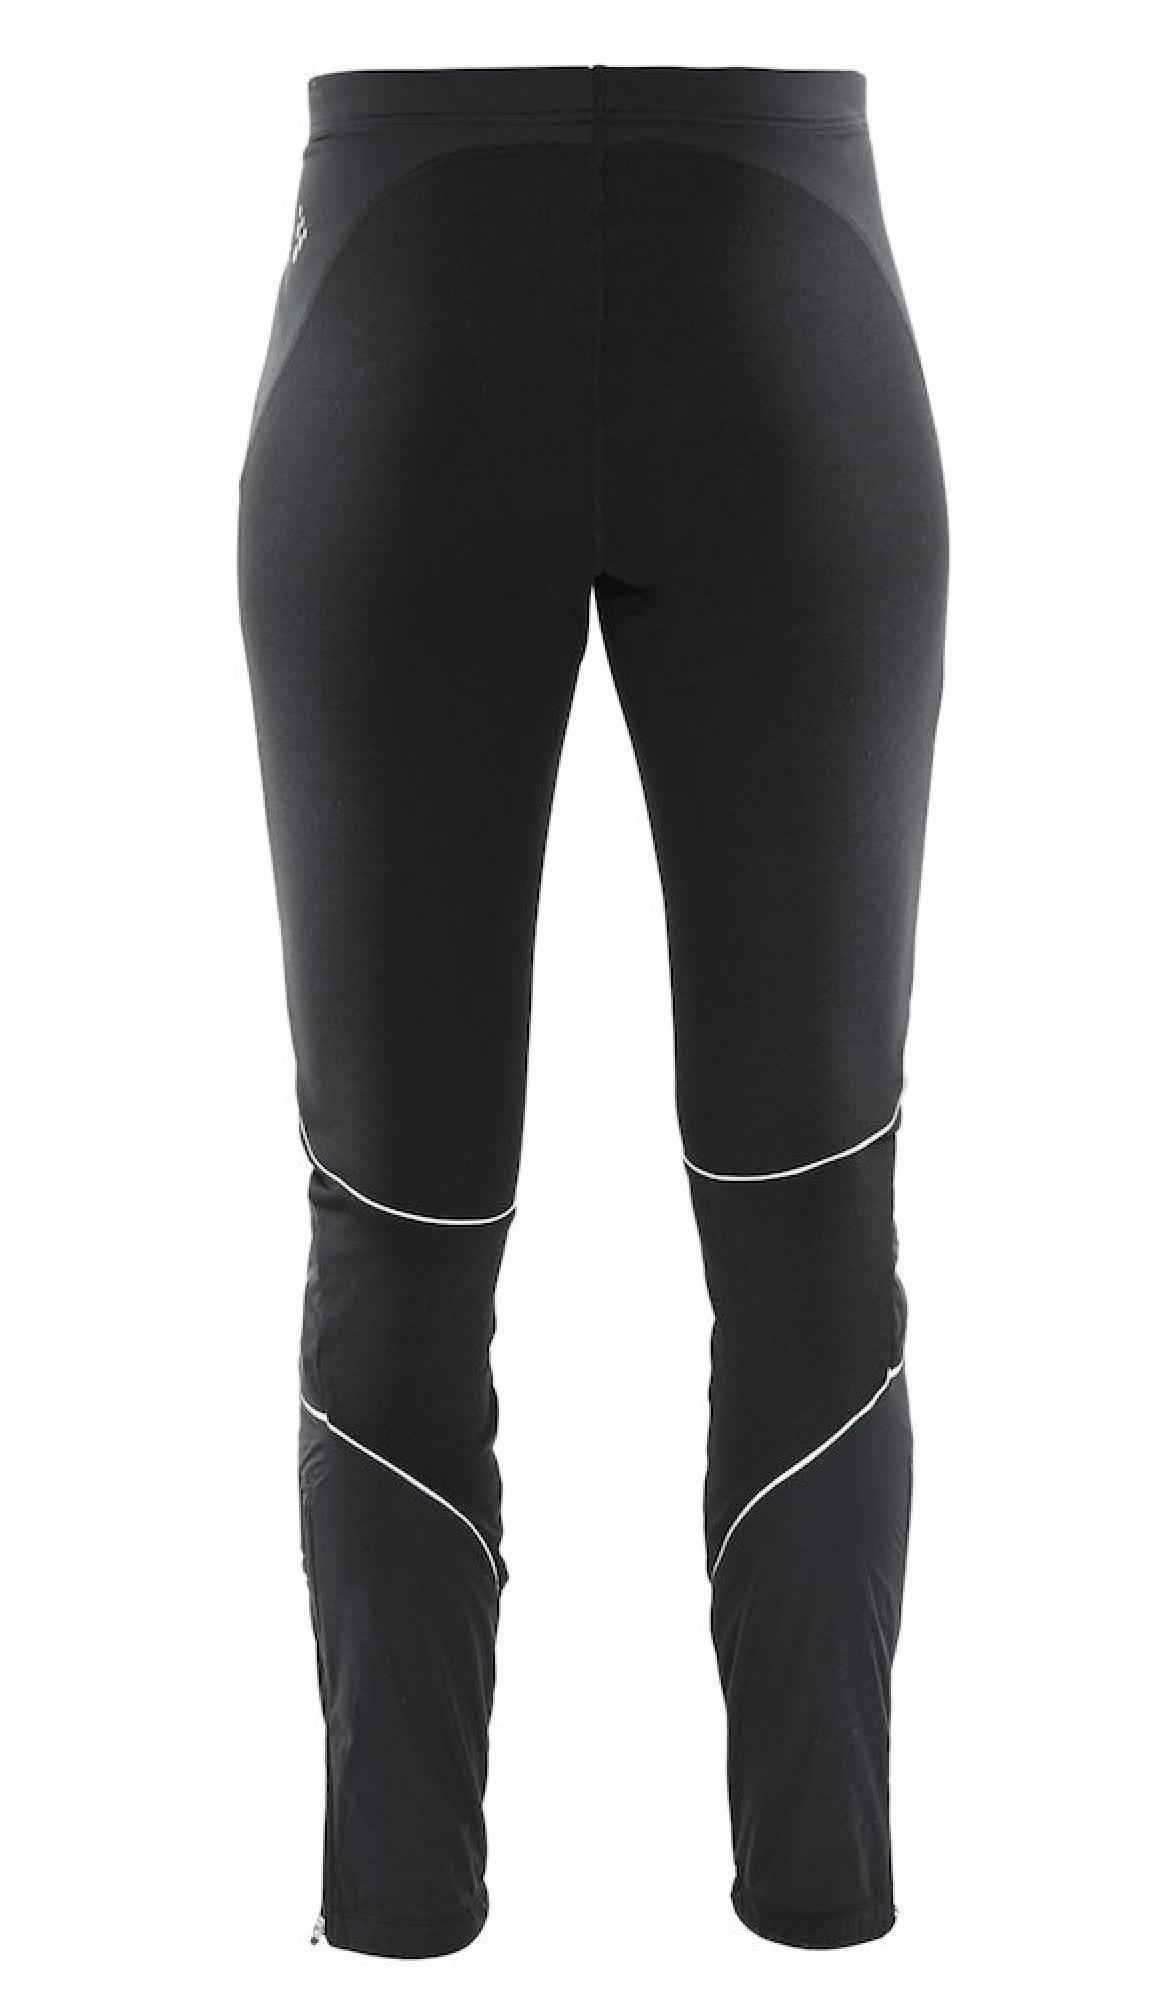 Женские лыжные брюки Craft XC Storm Tights (1903694-1999) черный